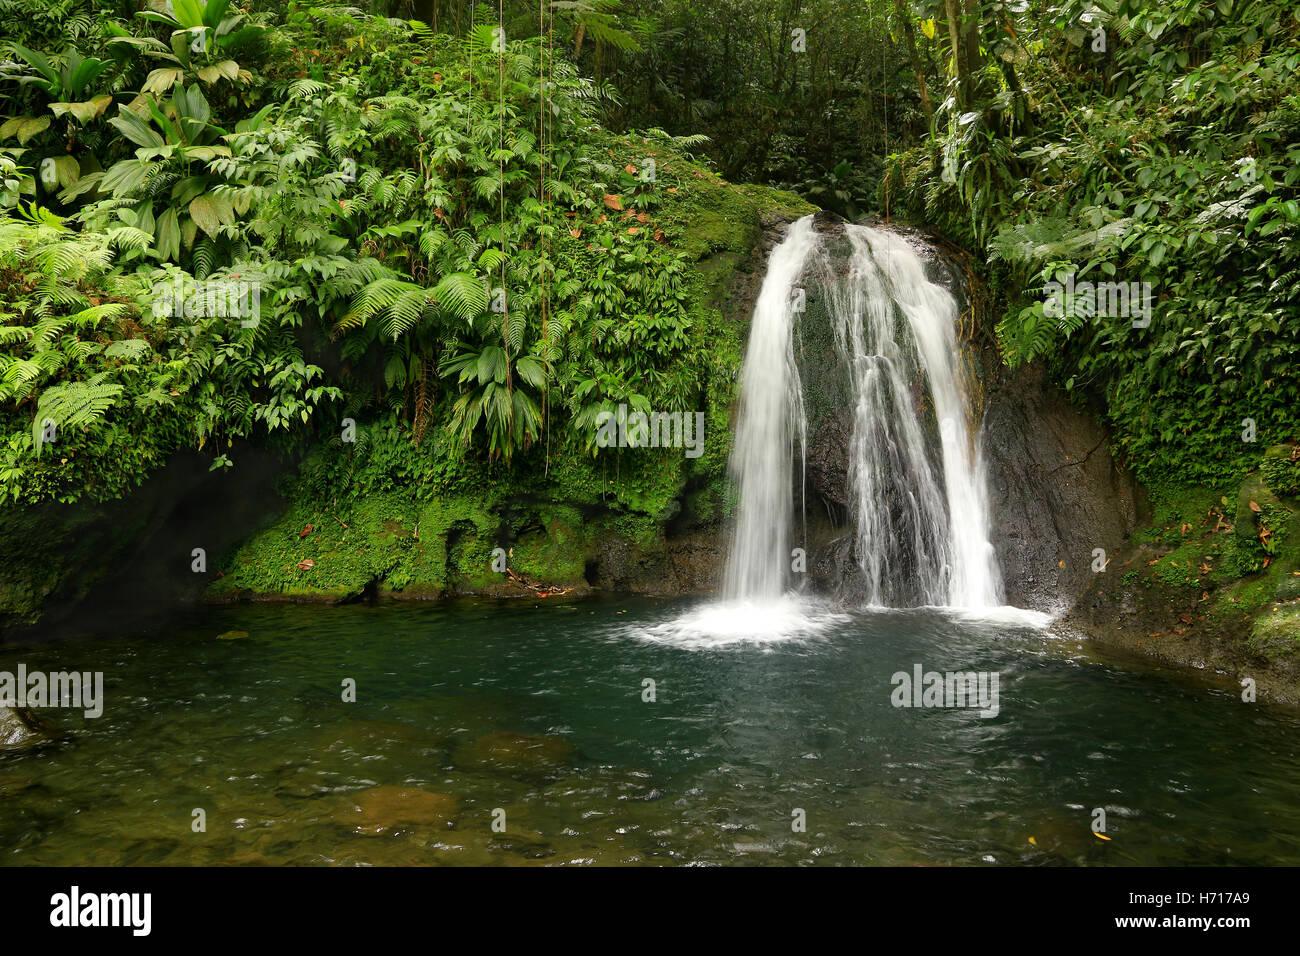 Schöner Wasserfall in einem Regenwald. Kaskaden Aux Ecrevisses, Guadeloupe, Karibische Inseln, Frankreich Stockbild